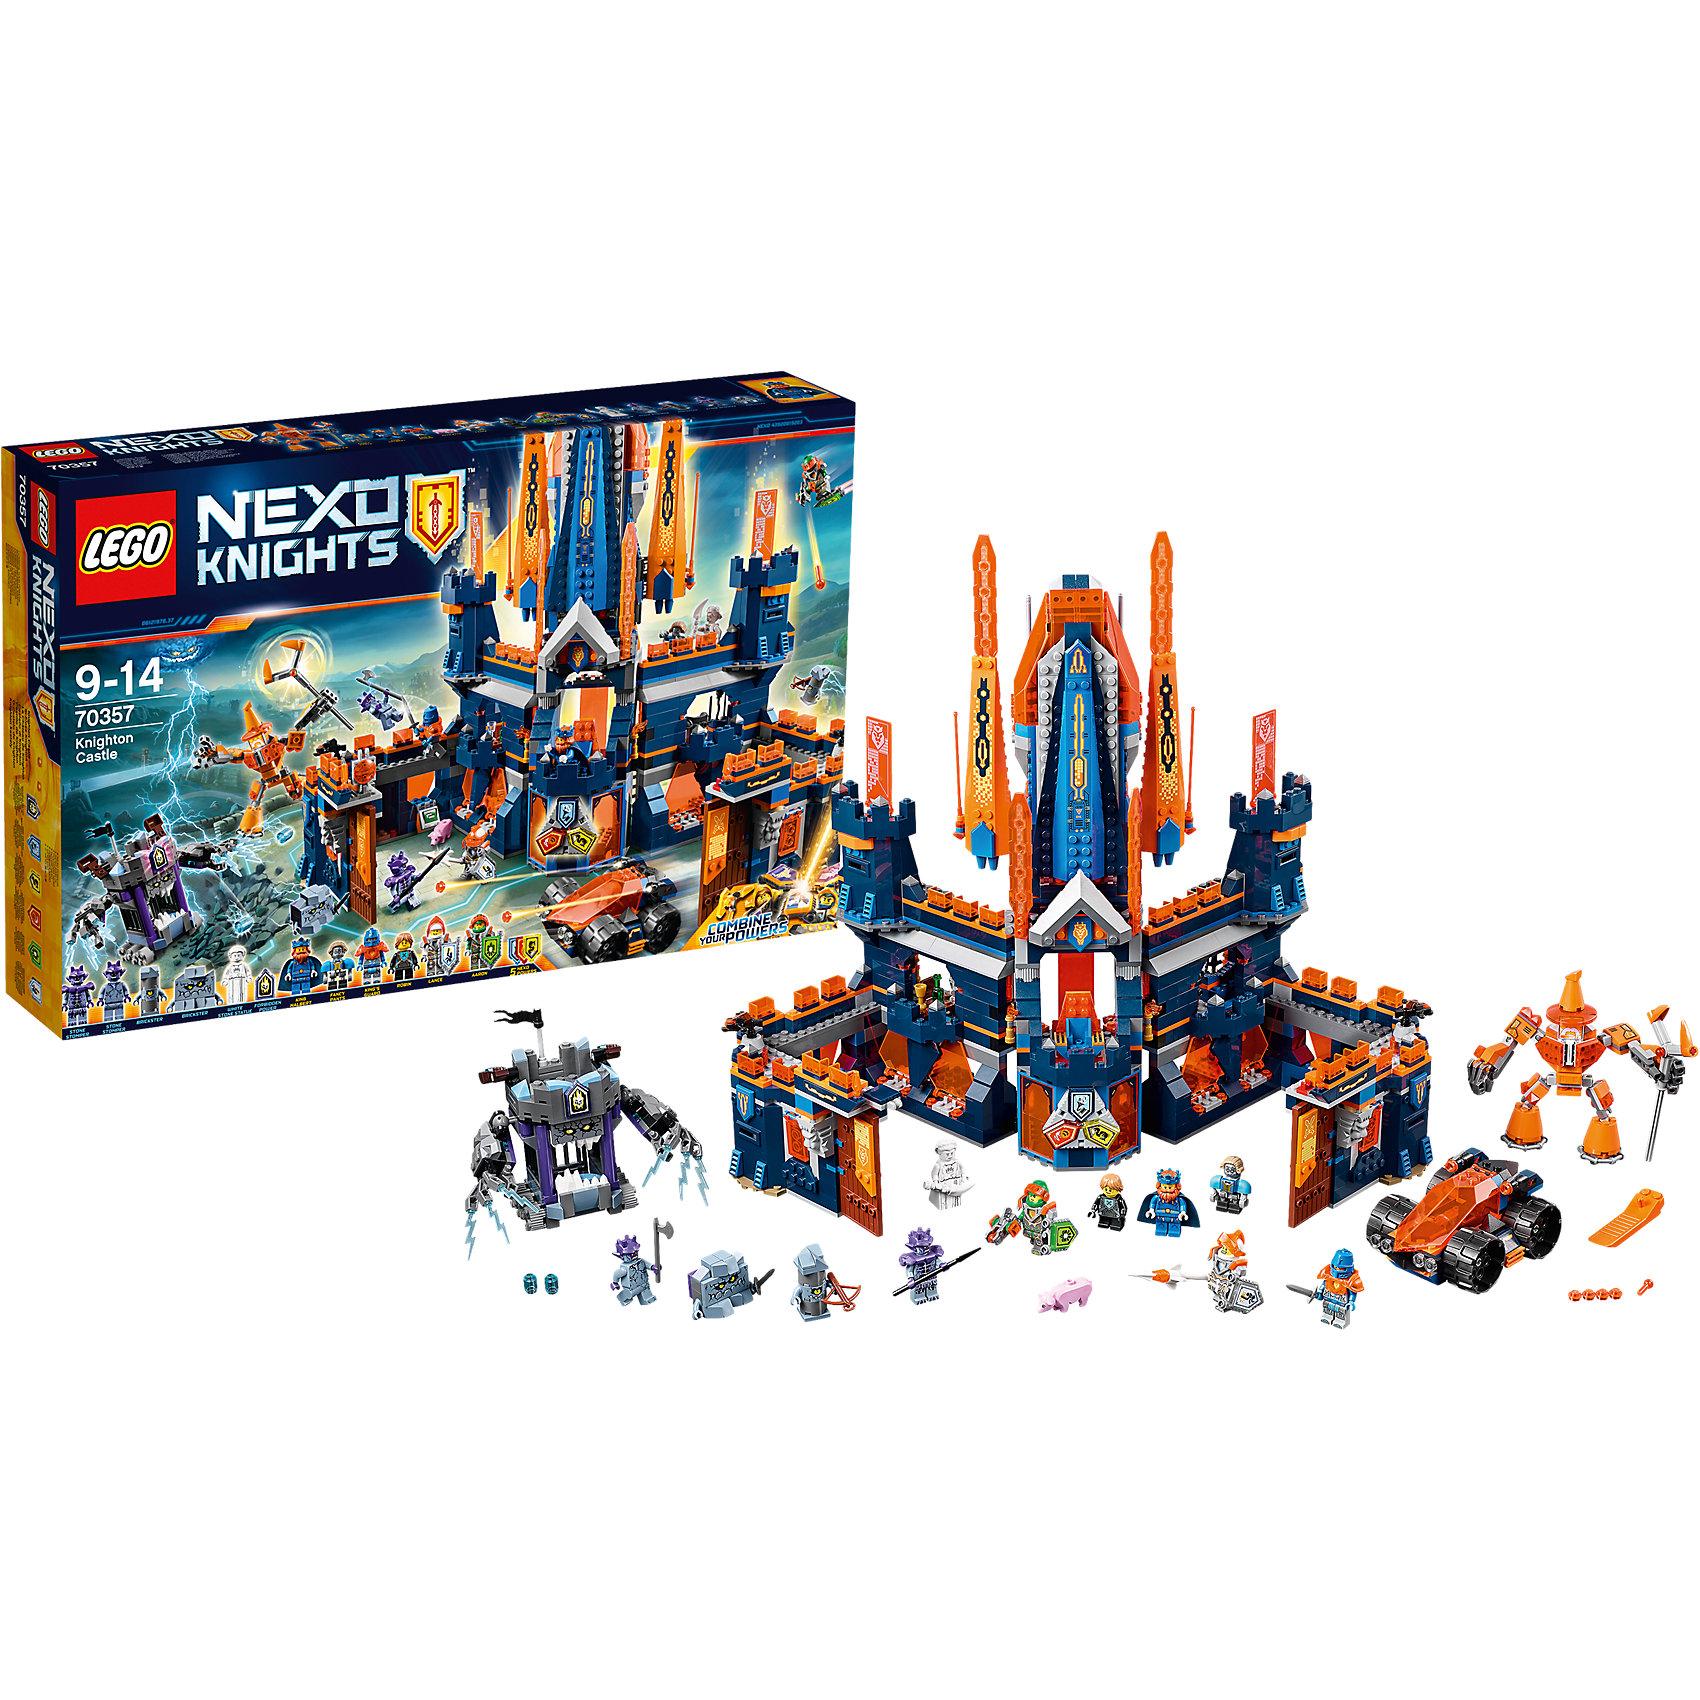 Конструктор Lego Nexo Knights 70357: Королевский замок НайтонПластмассовые конструкторы<br>Характеристики товара:<br><br>• возраст: от 9 лет;<br>• материал: пластик;<br>• в комплекте: 1426 деталей;<br>• количество минифигурок: 11;<br>• размер упаковки: 58,2х37,8х10,3 см;<br>• вес упаковки: 2,45 кг;<br>• страна производитель: Чехия.<br><br>Конструктор Lego Nexo Knights «Королевский замок Найтон» входит в серию Лего Нексо Найтс, которая повествует о королевстве Найтония и отважных рыцарях Нексо. Шут Джестро решил захватить трон королевства и создал армию Каменных монстров. Король Хальберт укрывается в своем замке, оснащенном большими стенами, башнями и оружием. Ему на помощь приходят отважные рыцари и маг Мерлок.<br><br>Из элементов конструктора предстоит собрать целых 11 фигурок персонажей, замок, машину, тюрьму. С ними дети могут придумывать свои захватывающие сюжеты для игры. В набор также включены нексо-силы, которые можно отсканировать через приложение и играть в игру. Сборка конструктора развивает у ребенка логическое мышление, моторику рук, усидчивость.<br><br>Конструктор Lego Nexo Knights «Королевский замок Найтон» можно приобрести в нашем интернет-магазине.<br><br>Ширина мм: 602<br>Глубина мм: 403<br>Высота мм: 228<br>Вес г: 2455<br>Возраст от месяцев: 108<br>Возраст до месяцев: 2147483647<br>Пол: Мужской<br>Возраст: Детский<br>SKU: 5619989